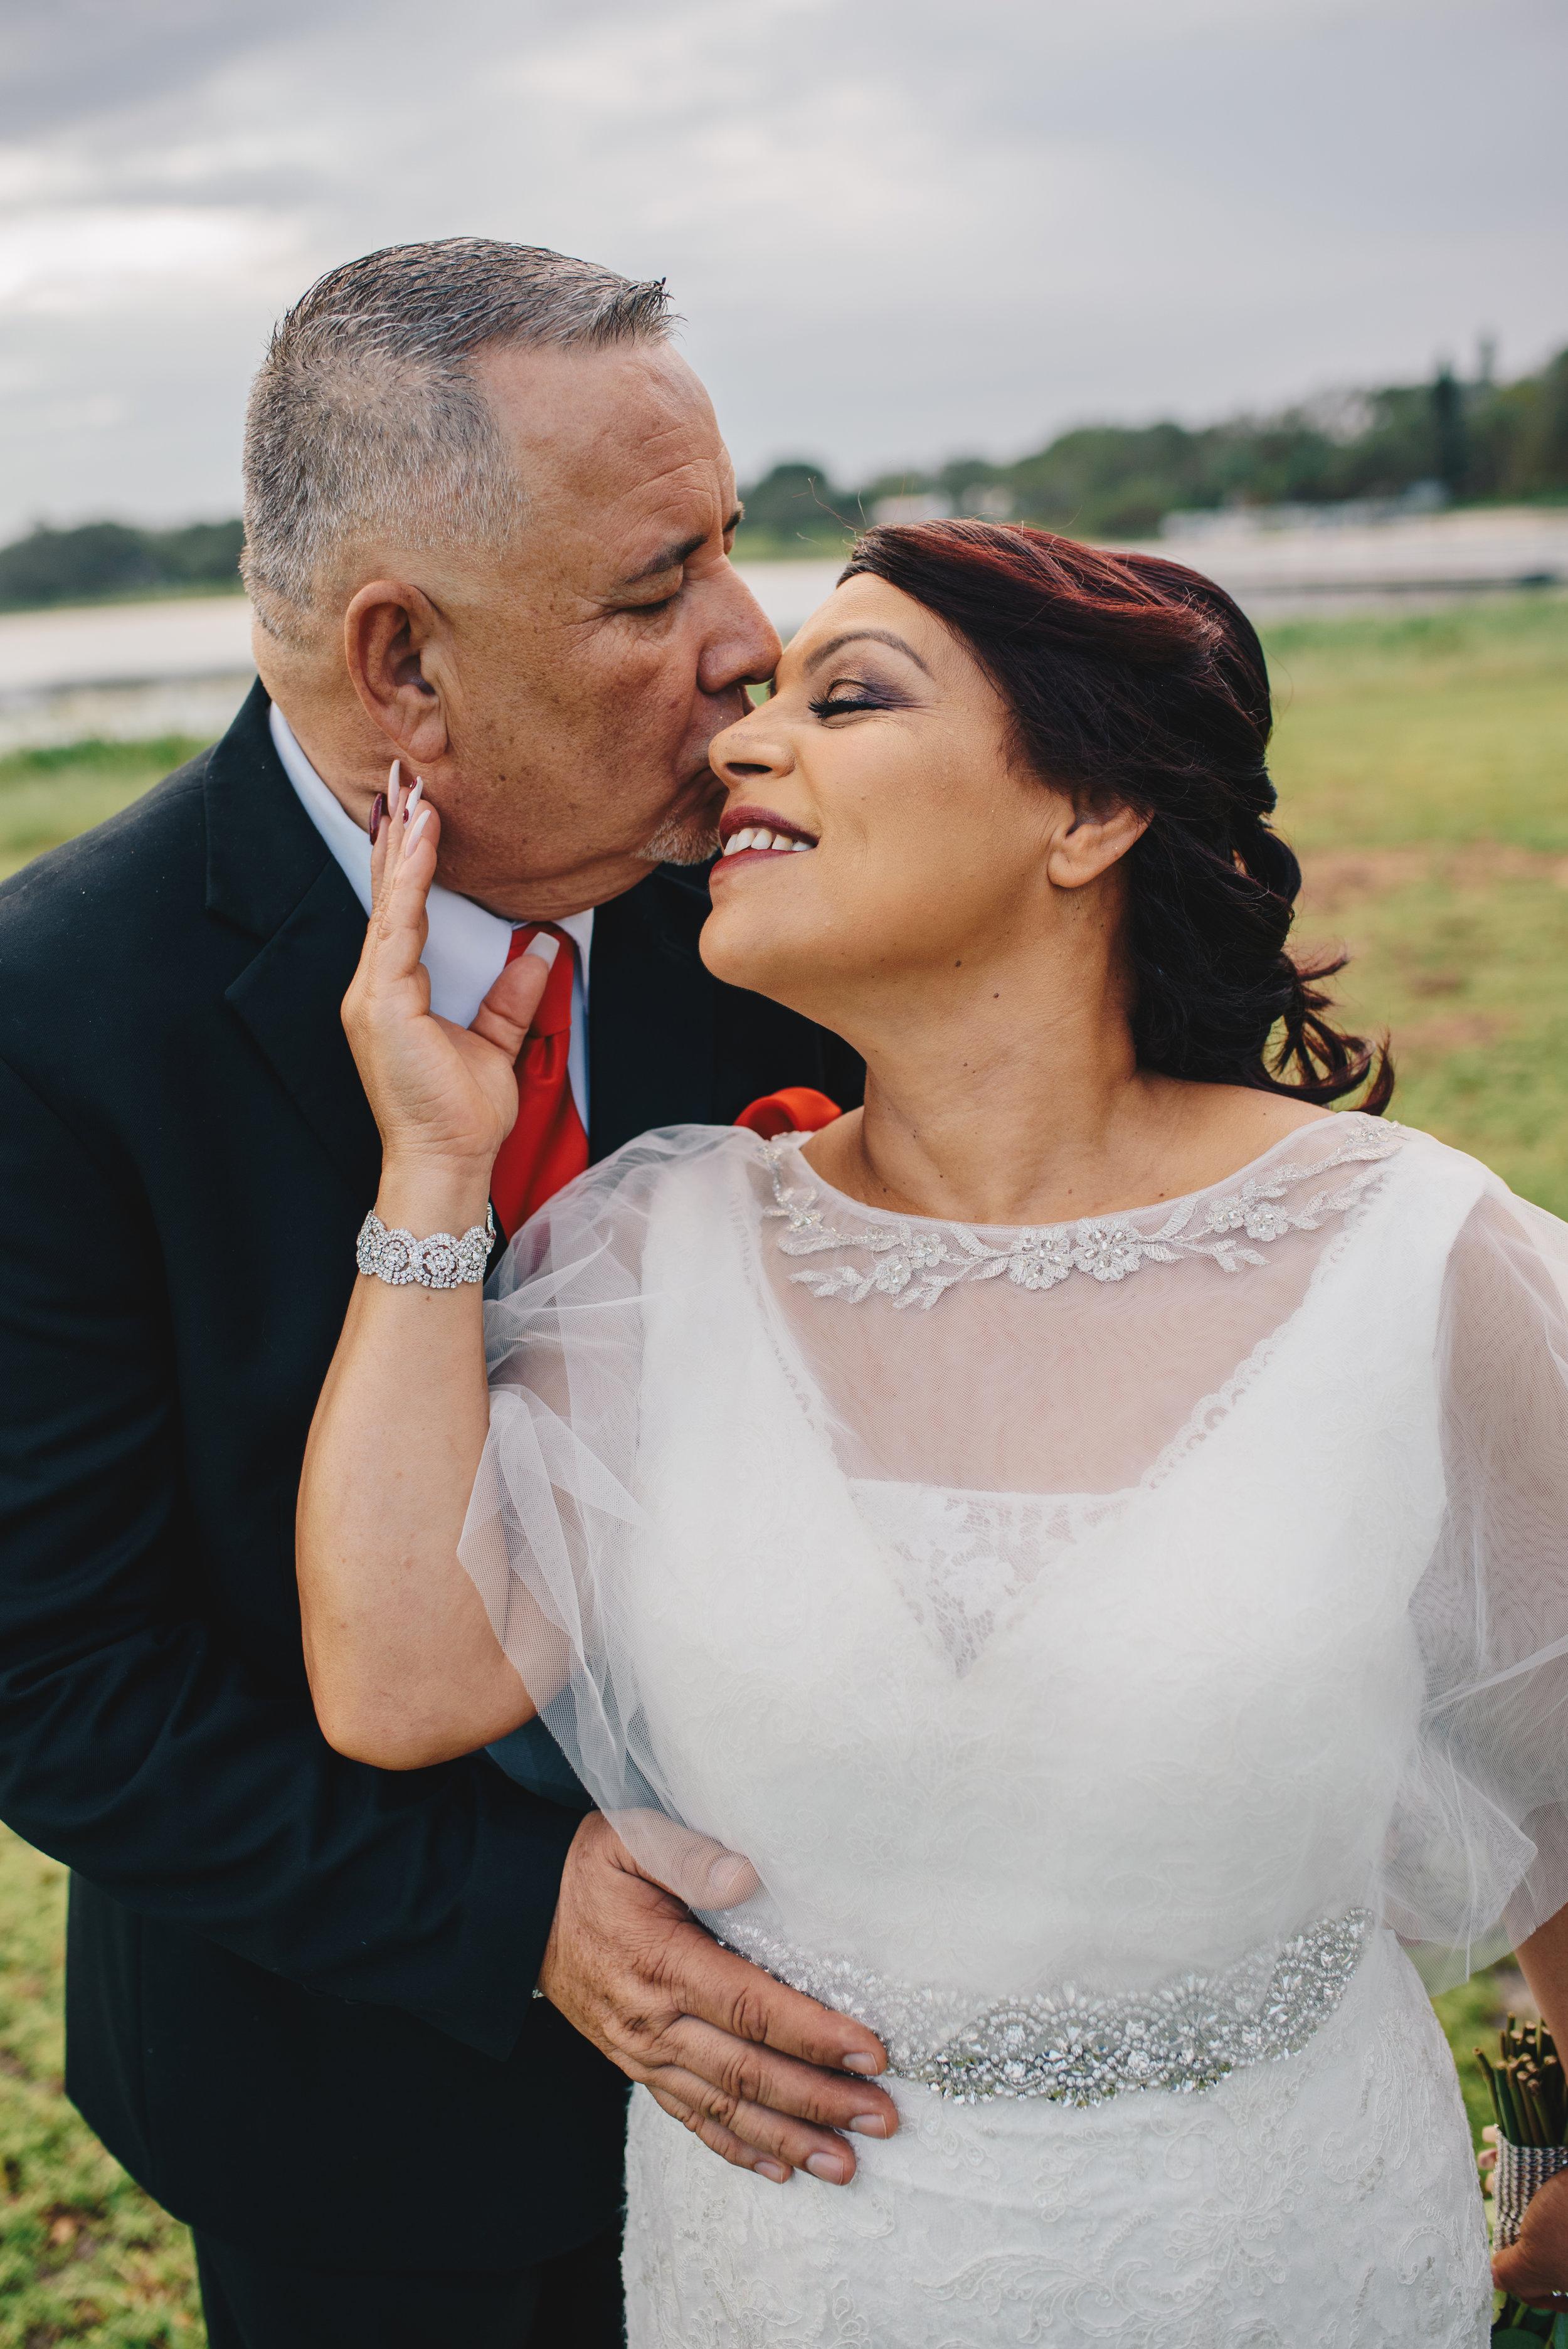 Los-Vargas-Photo-Wedding-Vow-Renewal-Central-Florida-147.jpg